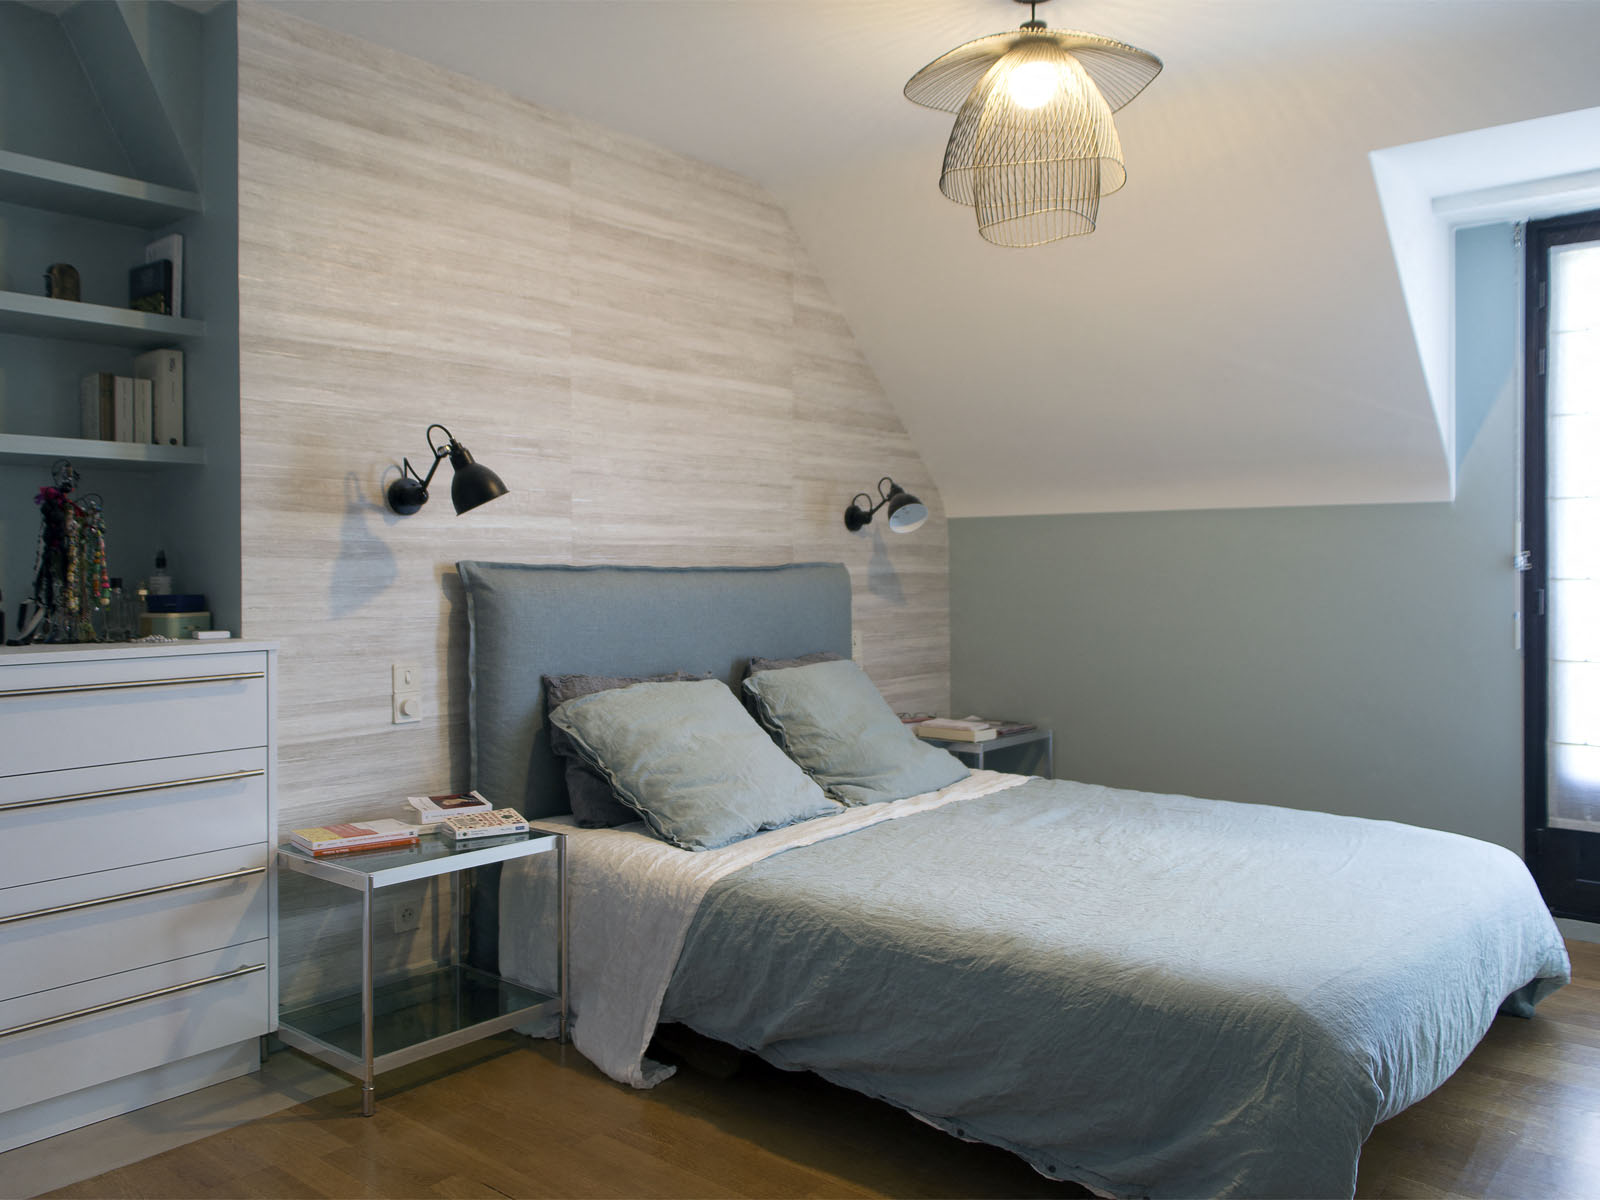 r alisation d 39 une suite parentale rennes gw naelle hoyet d coratrice d 39 int rieur et photographe. Black Bedroom Furniture Sets. Home Design Ideas